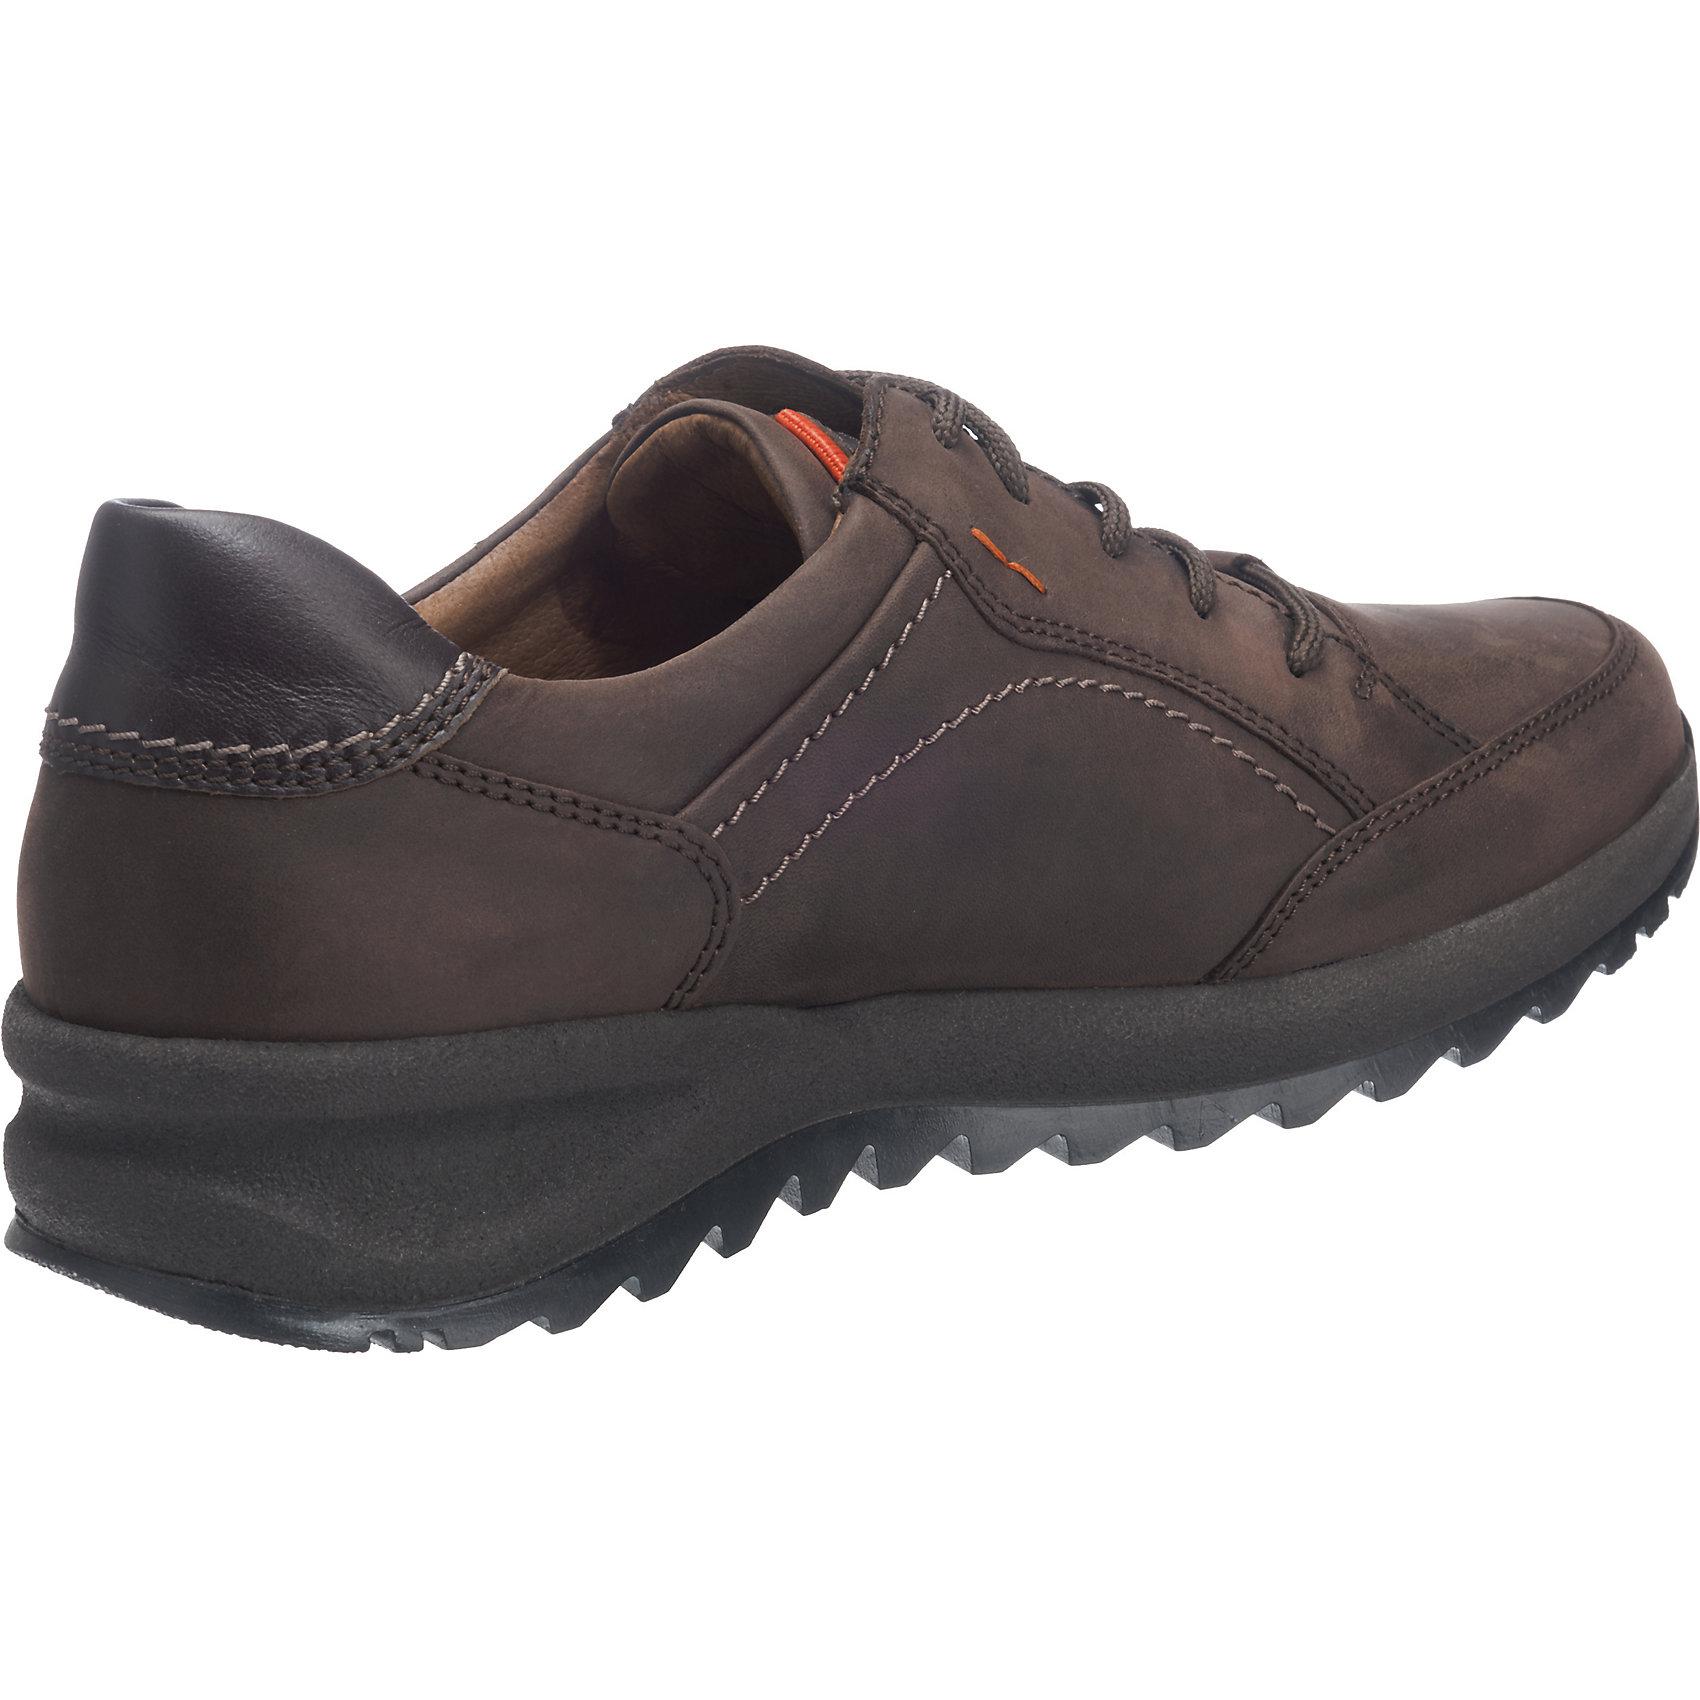 Neu WALDLÄUFER Helle 5779361 Freizeit Schuhe weit braun 5779361 Helle 17b32f